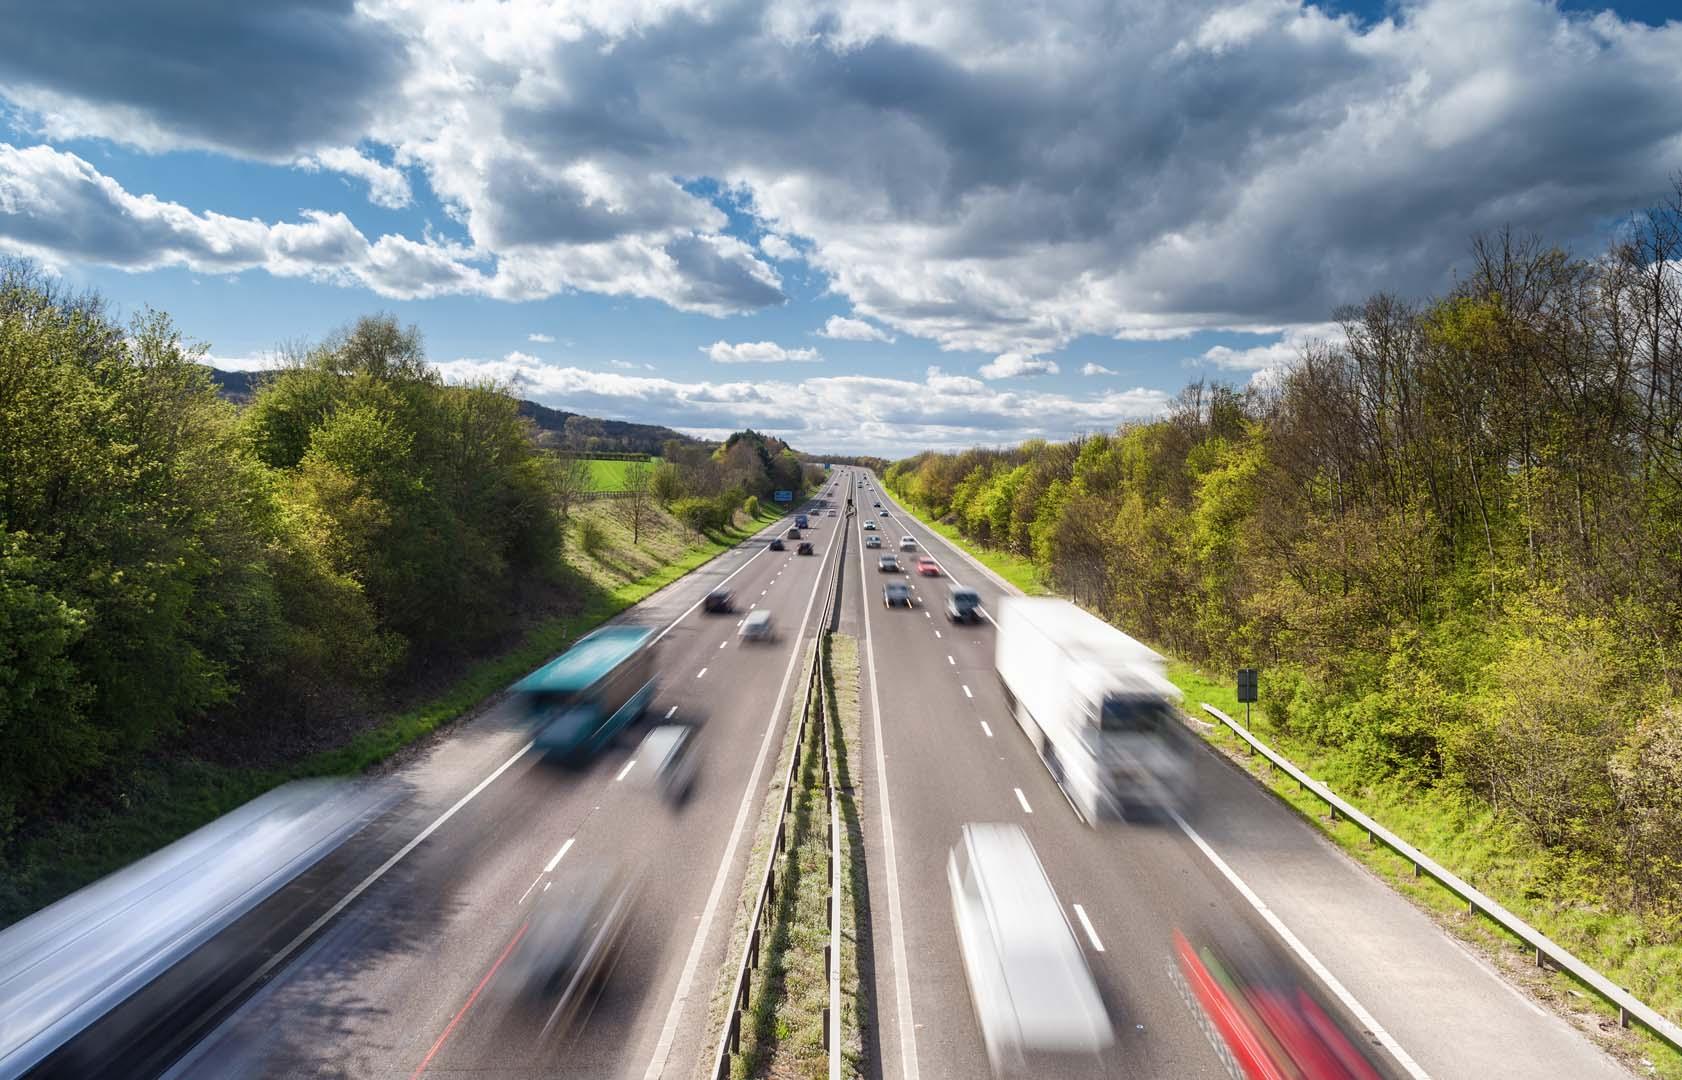 Contro l'esclusione dal superammortamento nel 2018 dei veicoli industriali si leva unanime la voce del comparto -  -Autocarri e allestimenti Notizie Trasporto - MC5.0-Macchine Cantieri